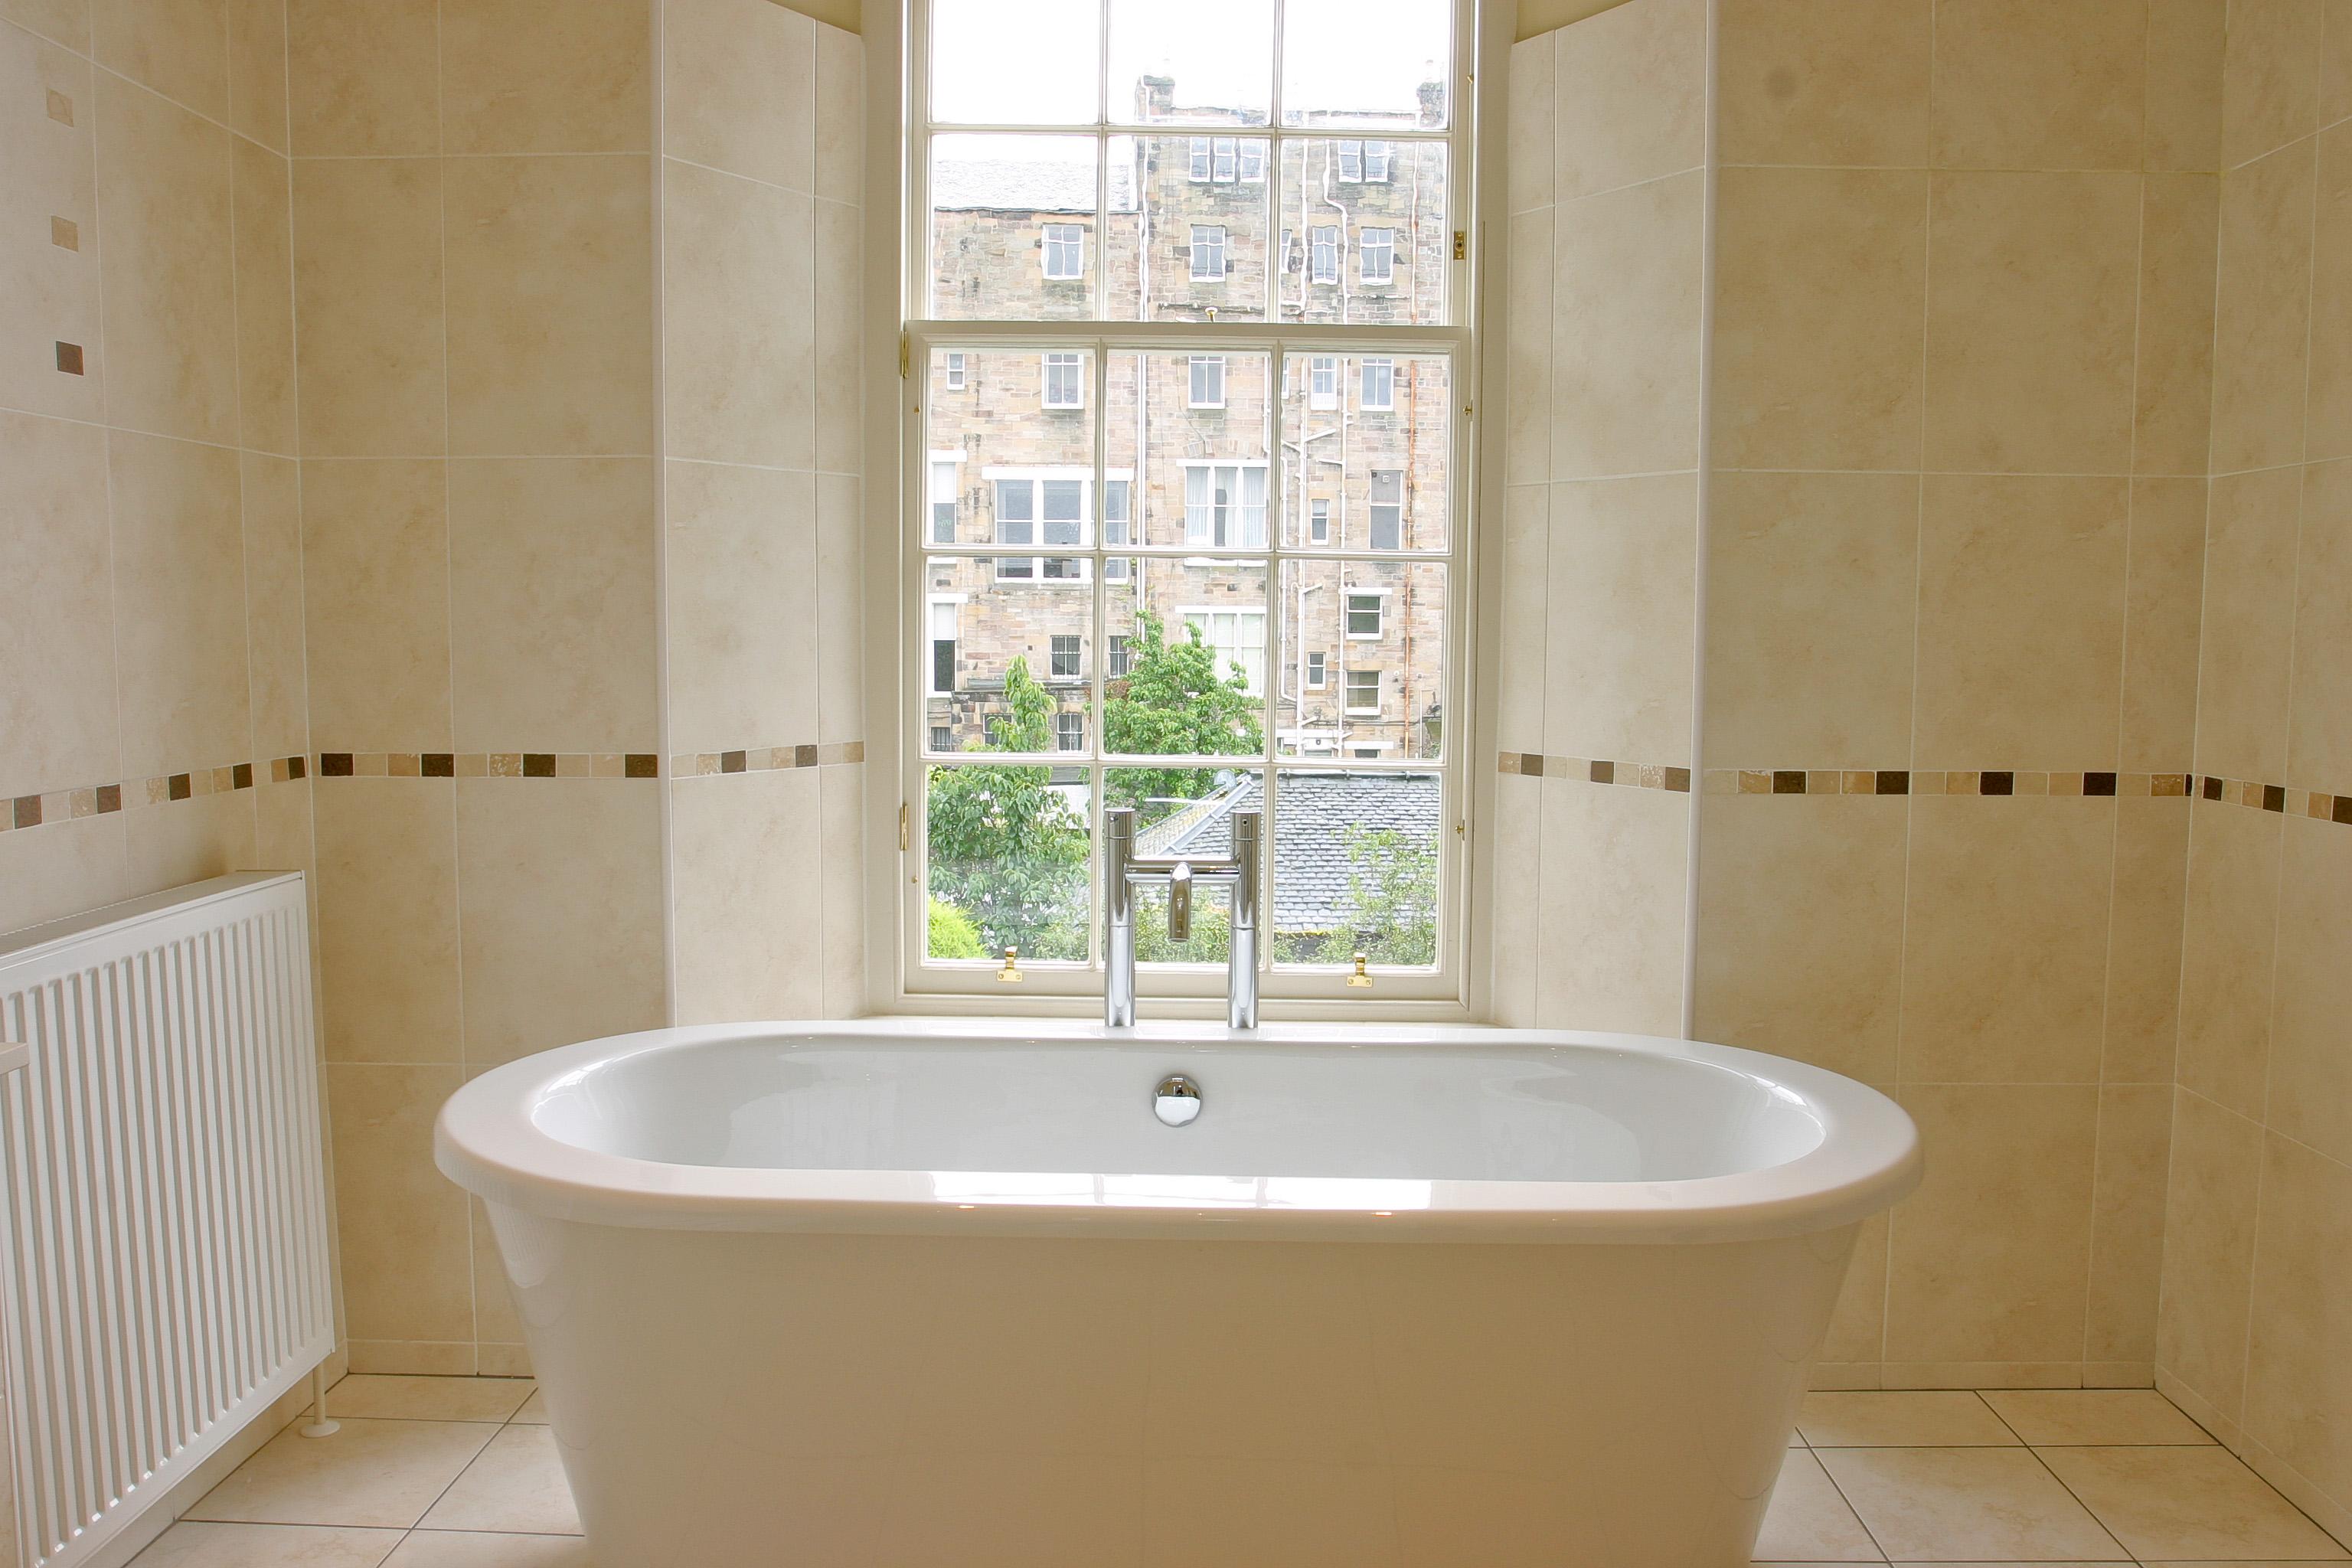 Freestanding plastic bath with floorstanding taps